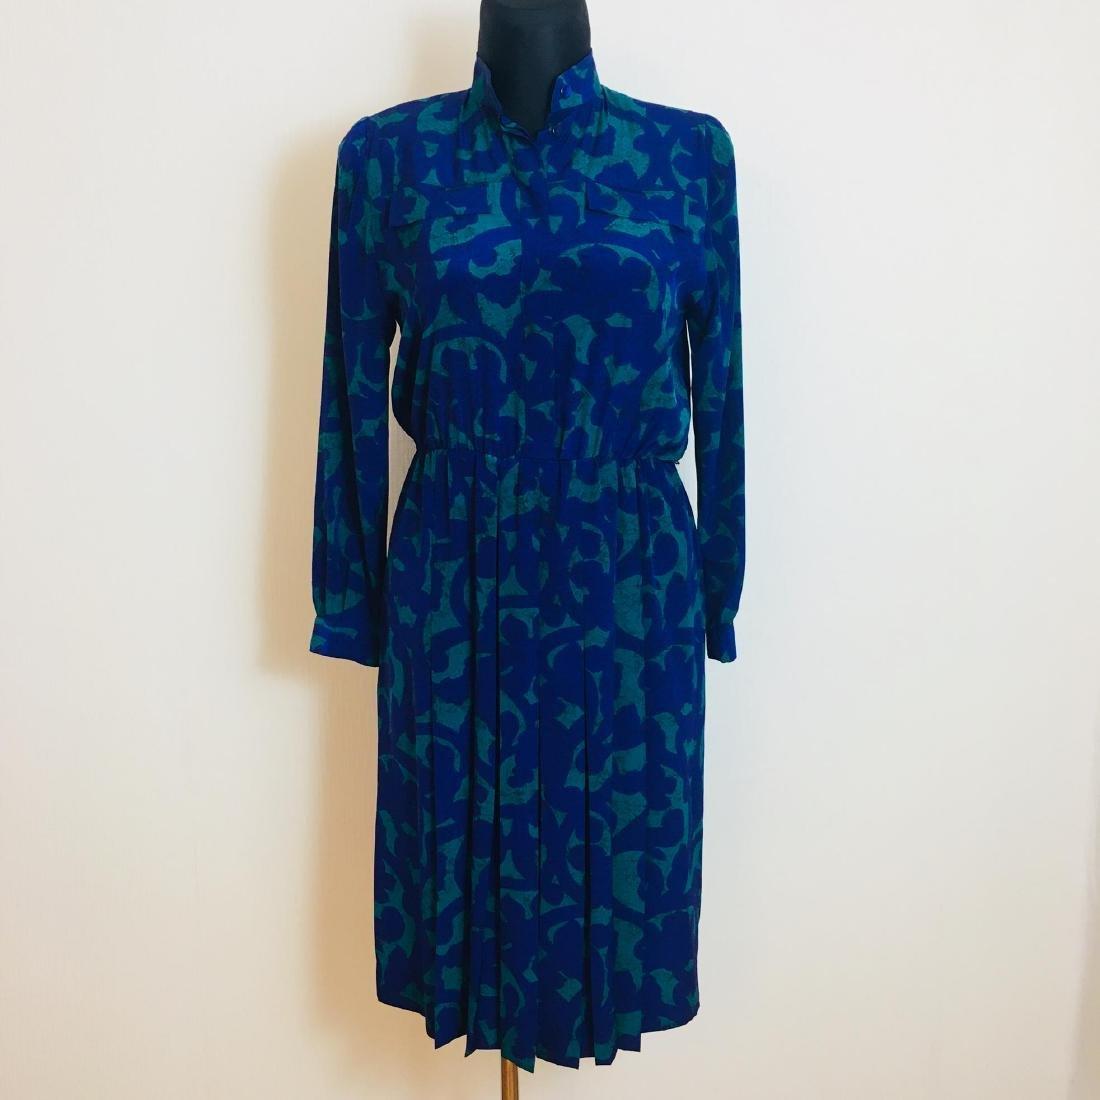 Vintage Women's Coctail Evening Dress